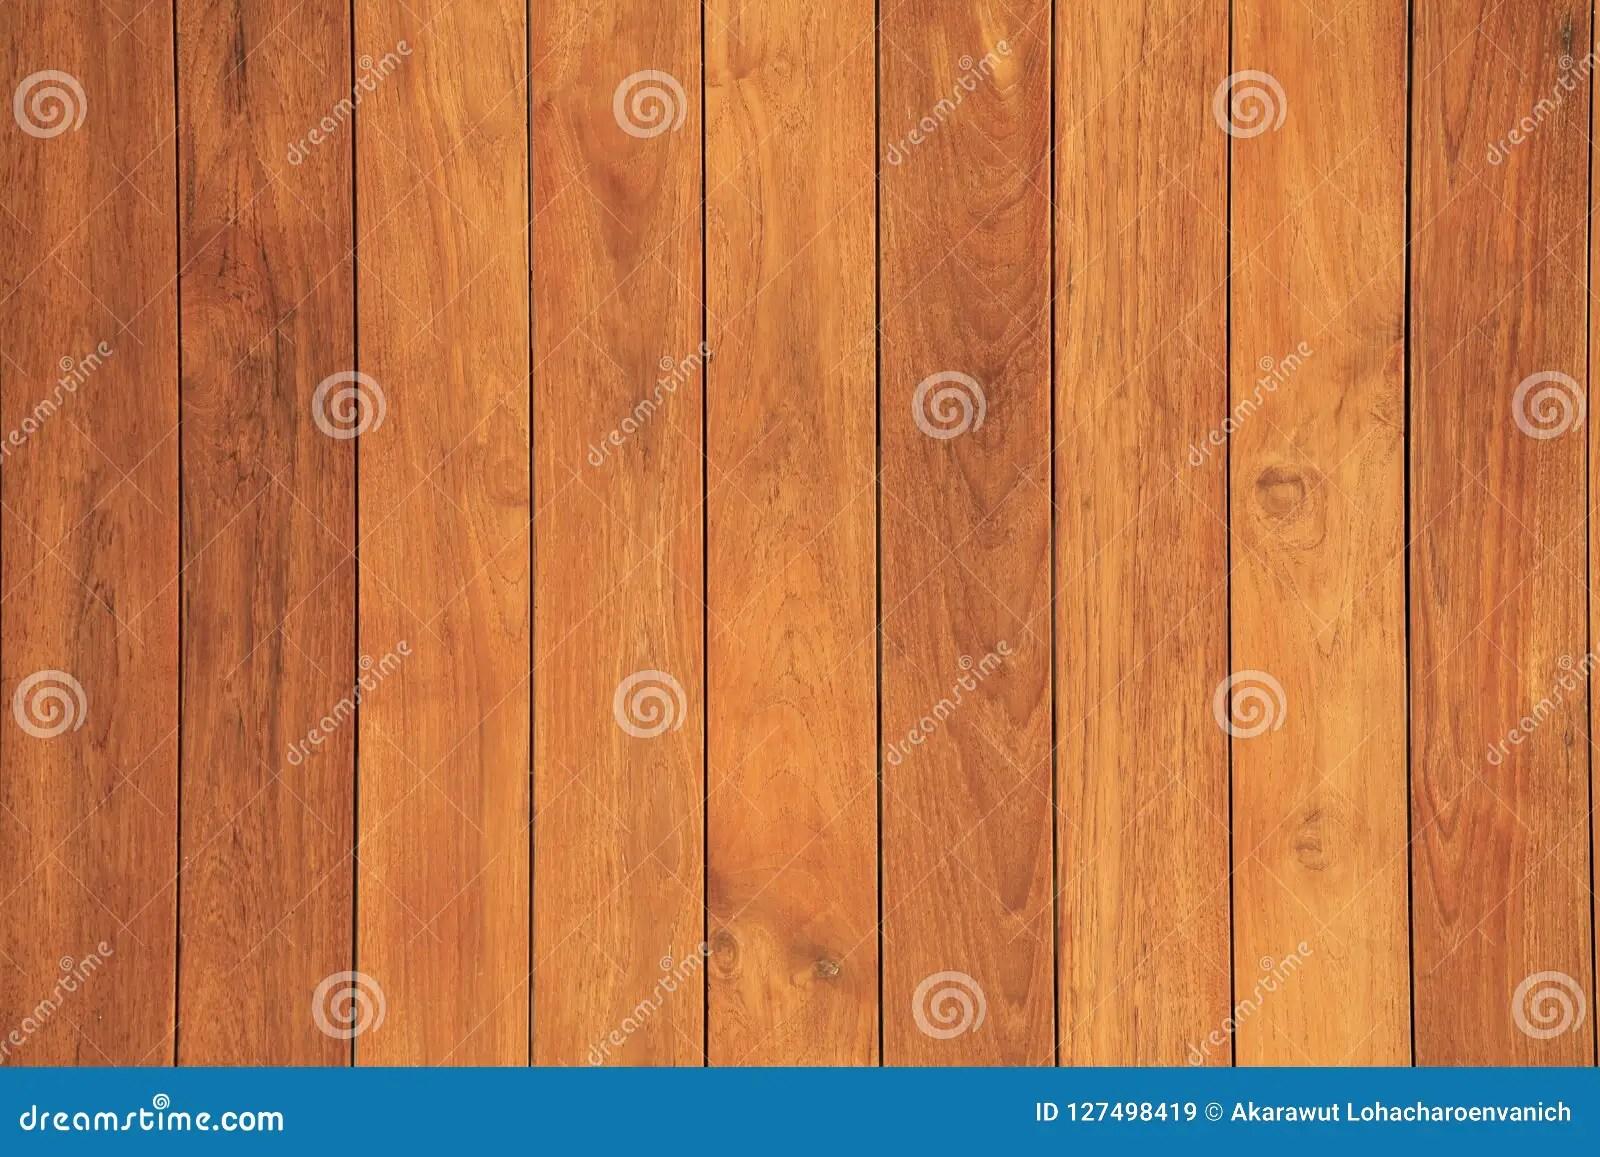 Couleur Naturelle De Mur En Bois Naturel De Teck Image Stock Image Du Brun Rustique 127498419